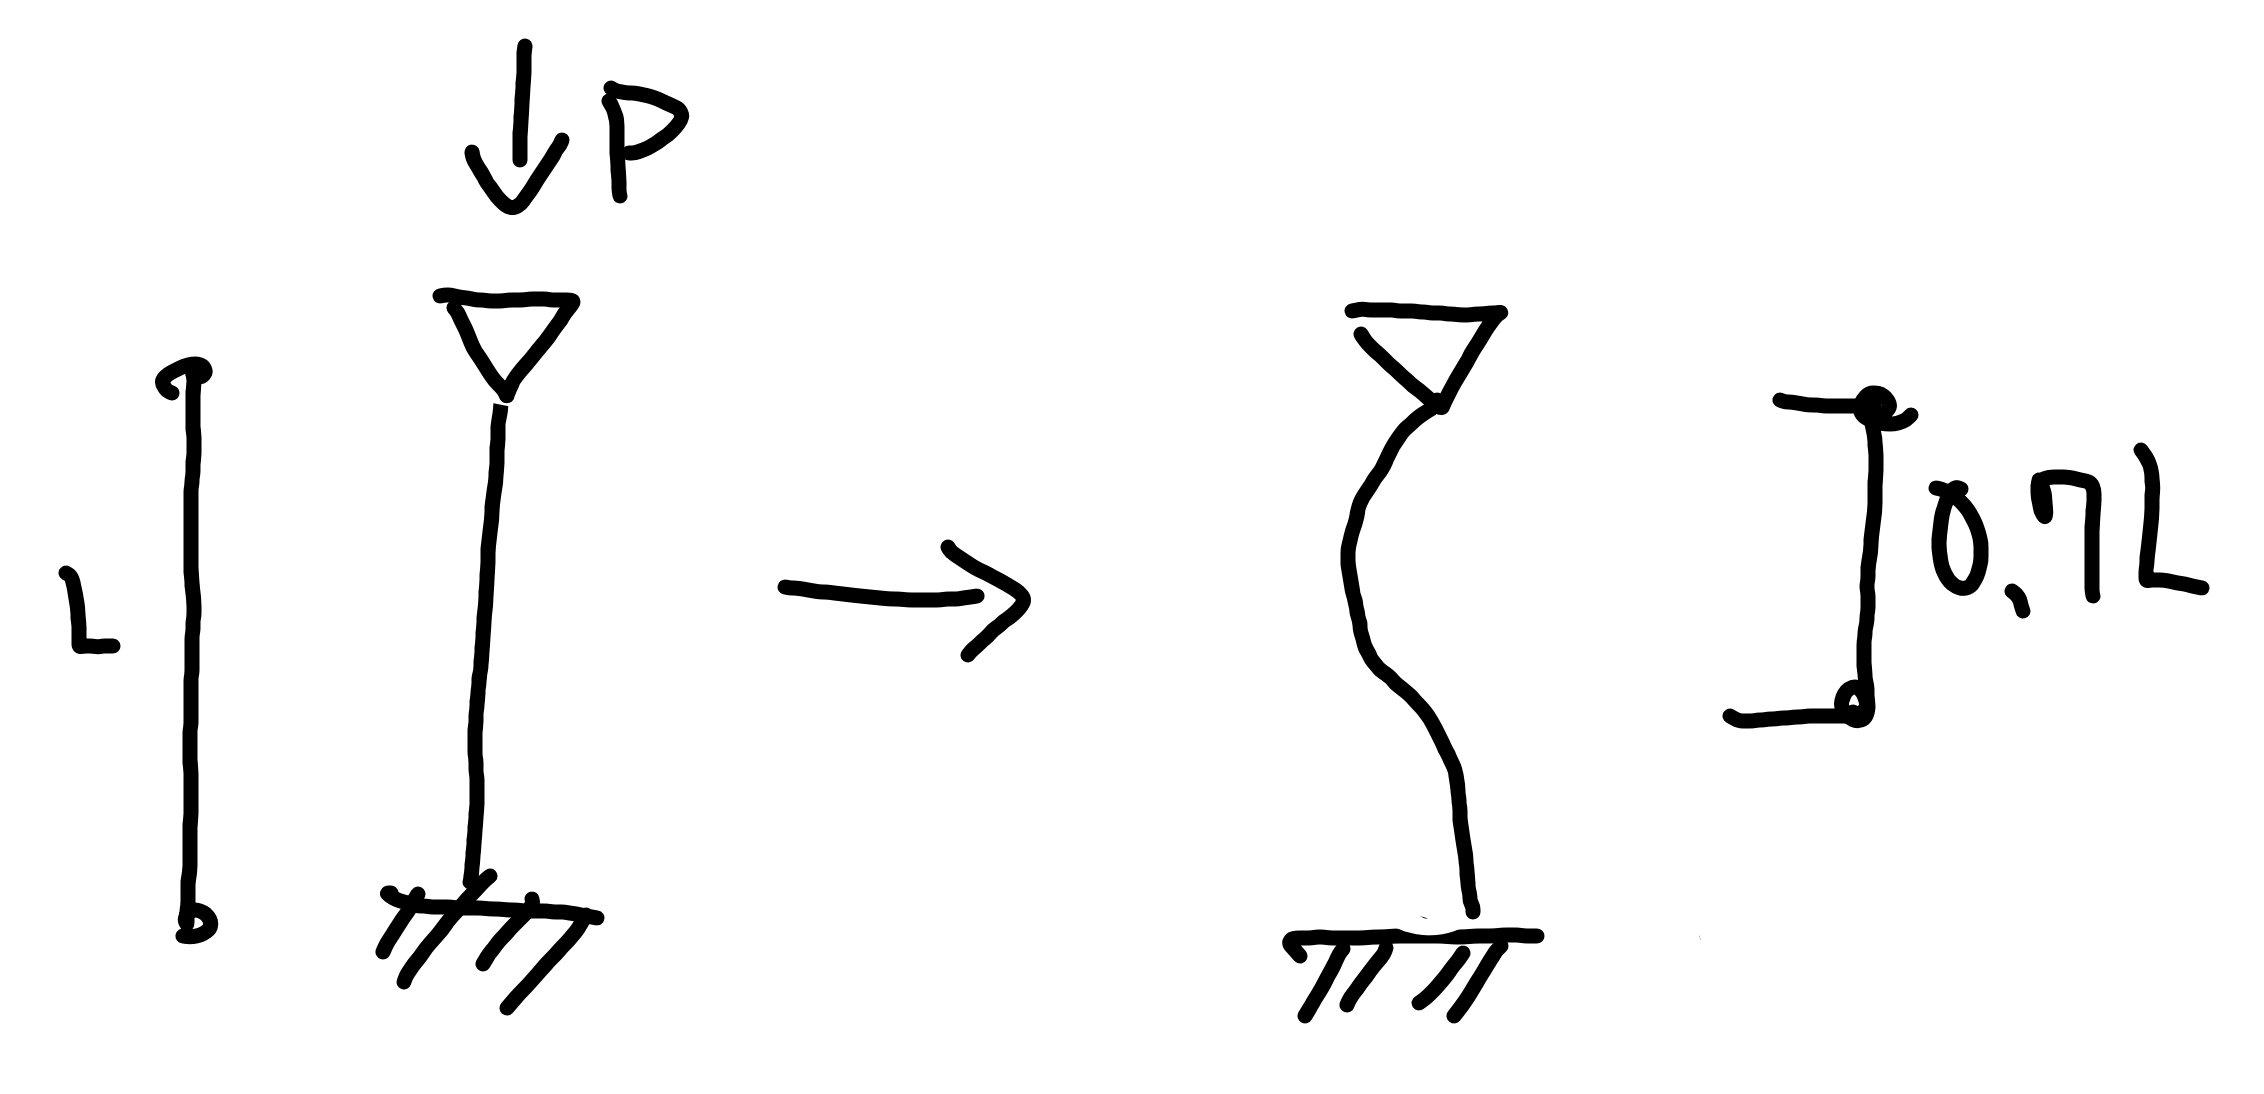 座屈モード 固定端 ピン 水平移動不可